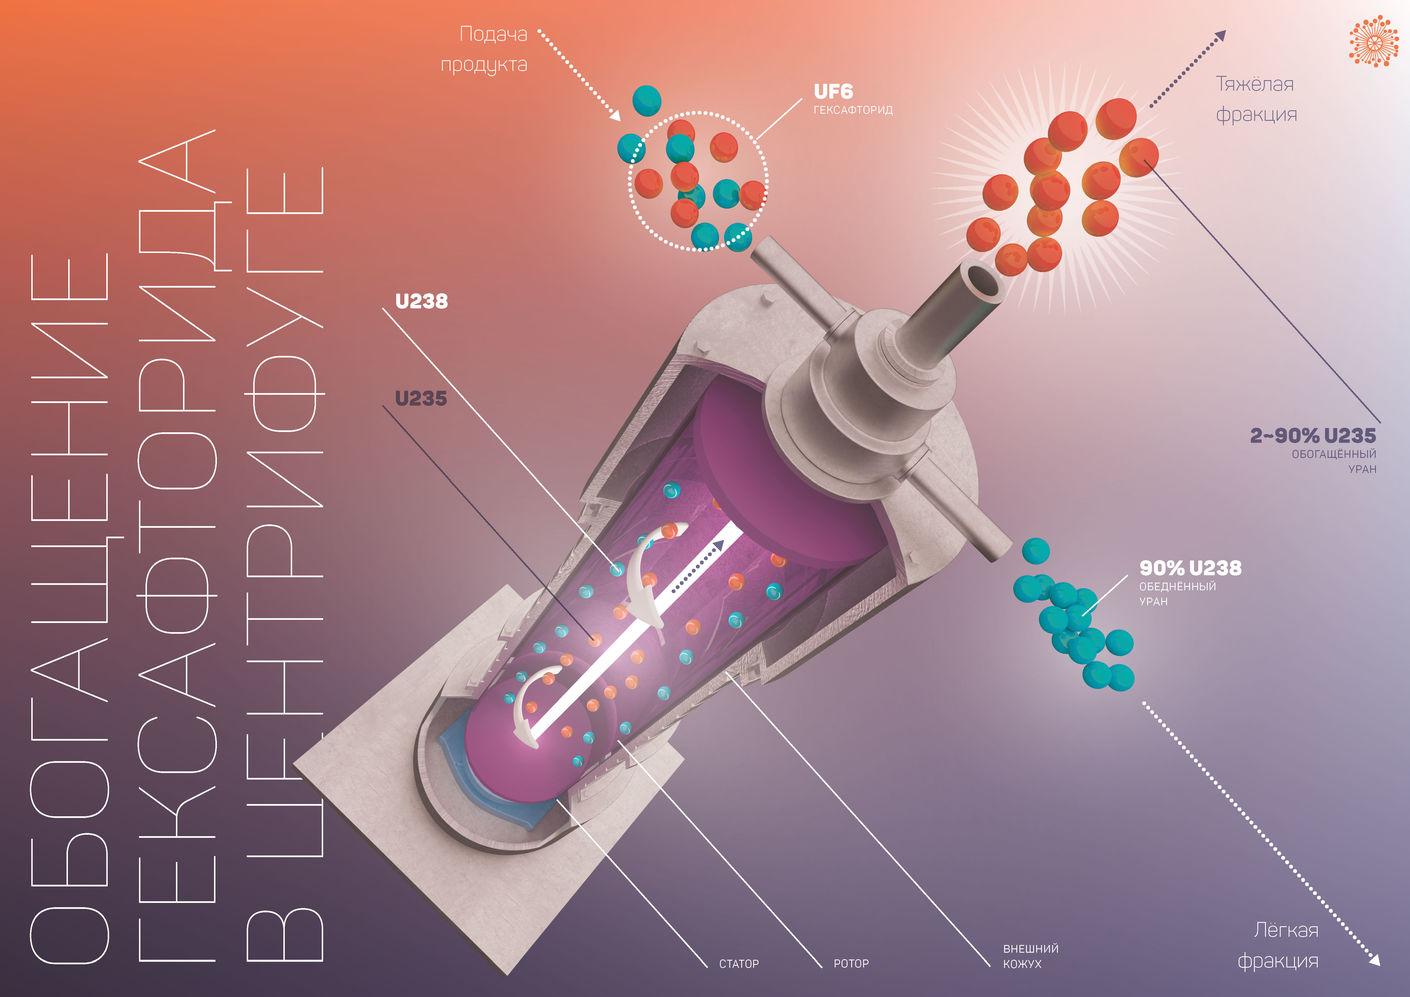 Инфографика для госкорпорации «Росатом» от Лаборатории дизайна НИУ ВШЭ - hsedesignlab.ru